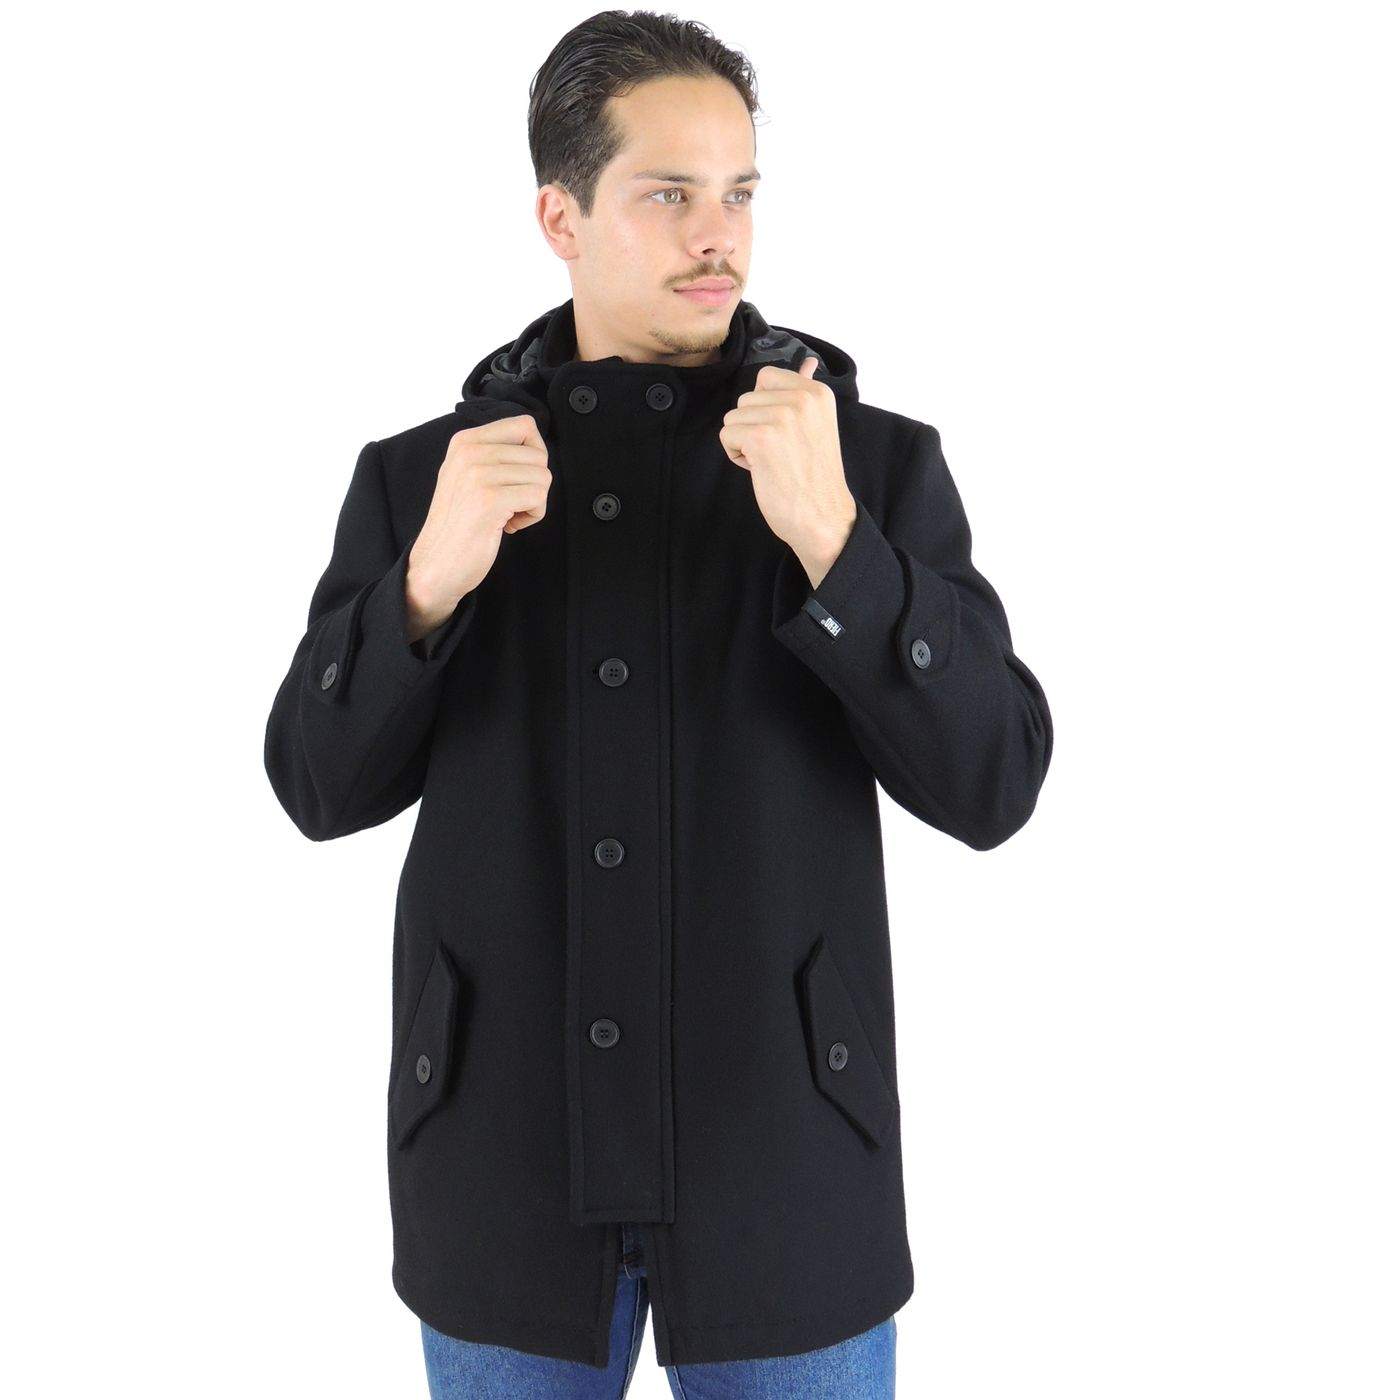 Casaco Masculino com capuz removível em lã uruguaia modelo Colorado -  fieroshop 921554603c6